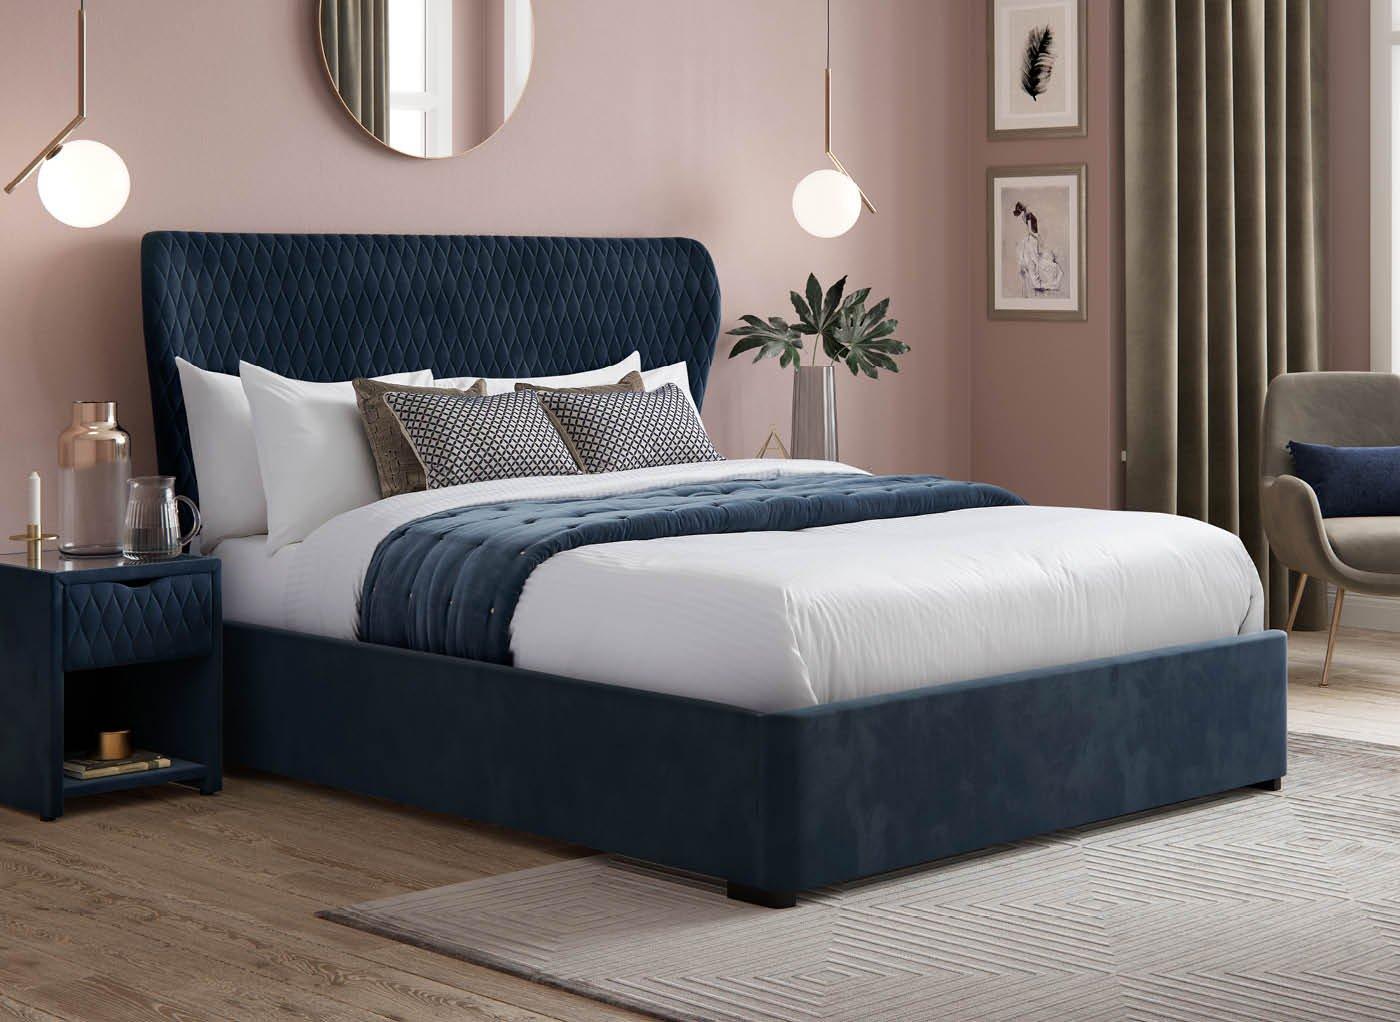 grove-velvet-finish-upholstered-ottoman-bed-frame